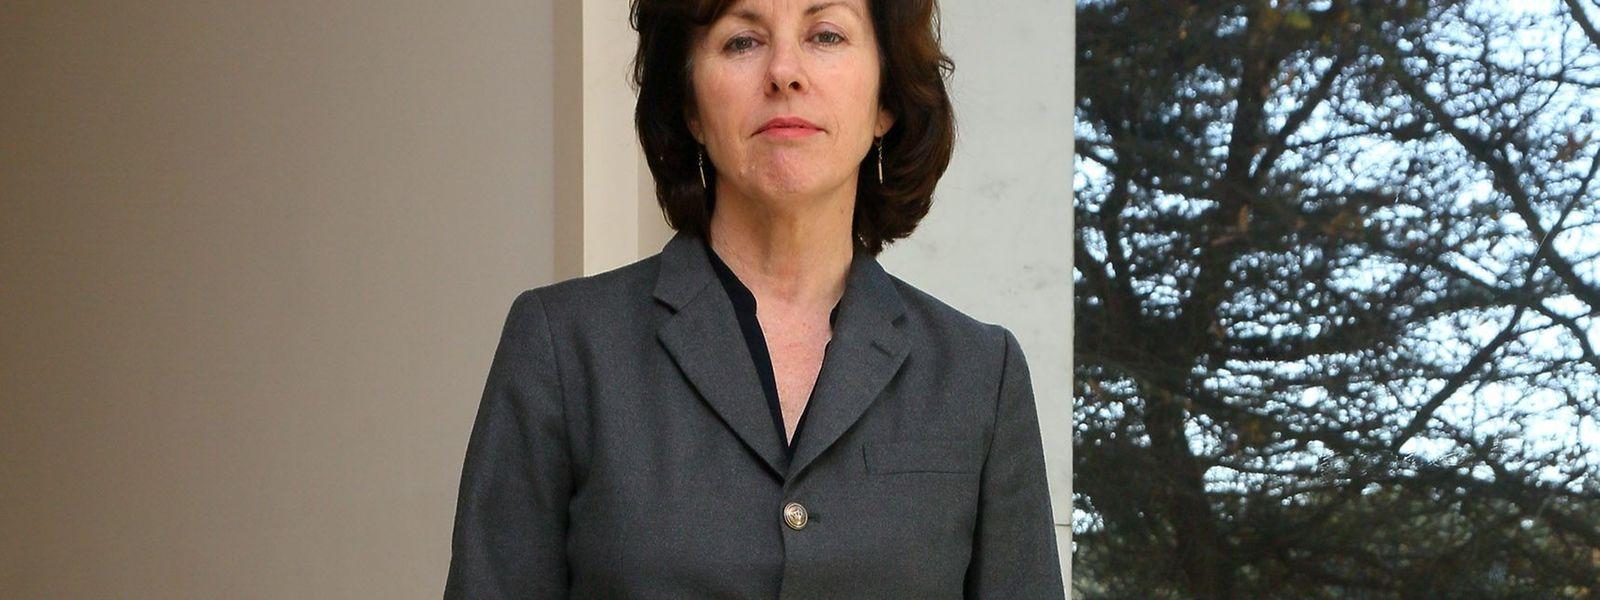 Suzanne Cotter devient la nouvelle directrice du Mudam